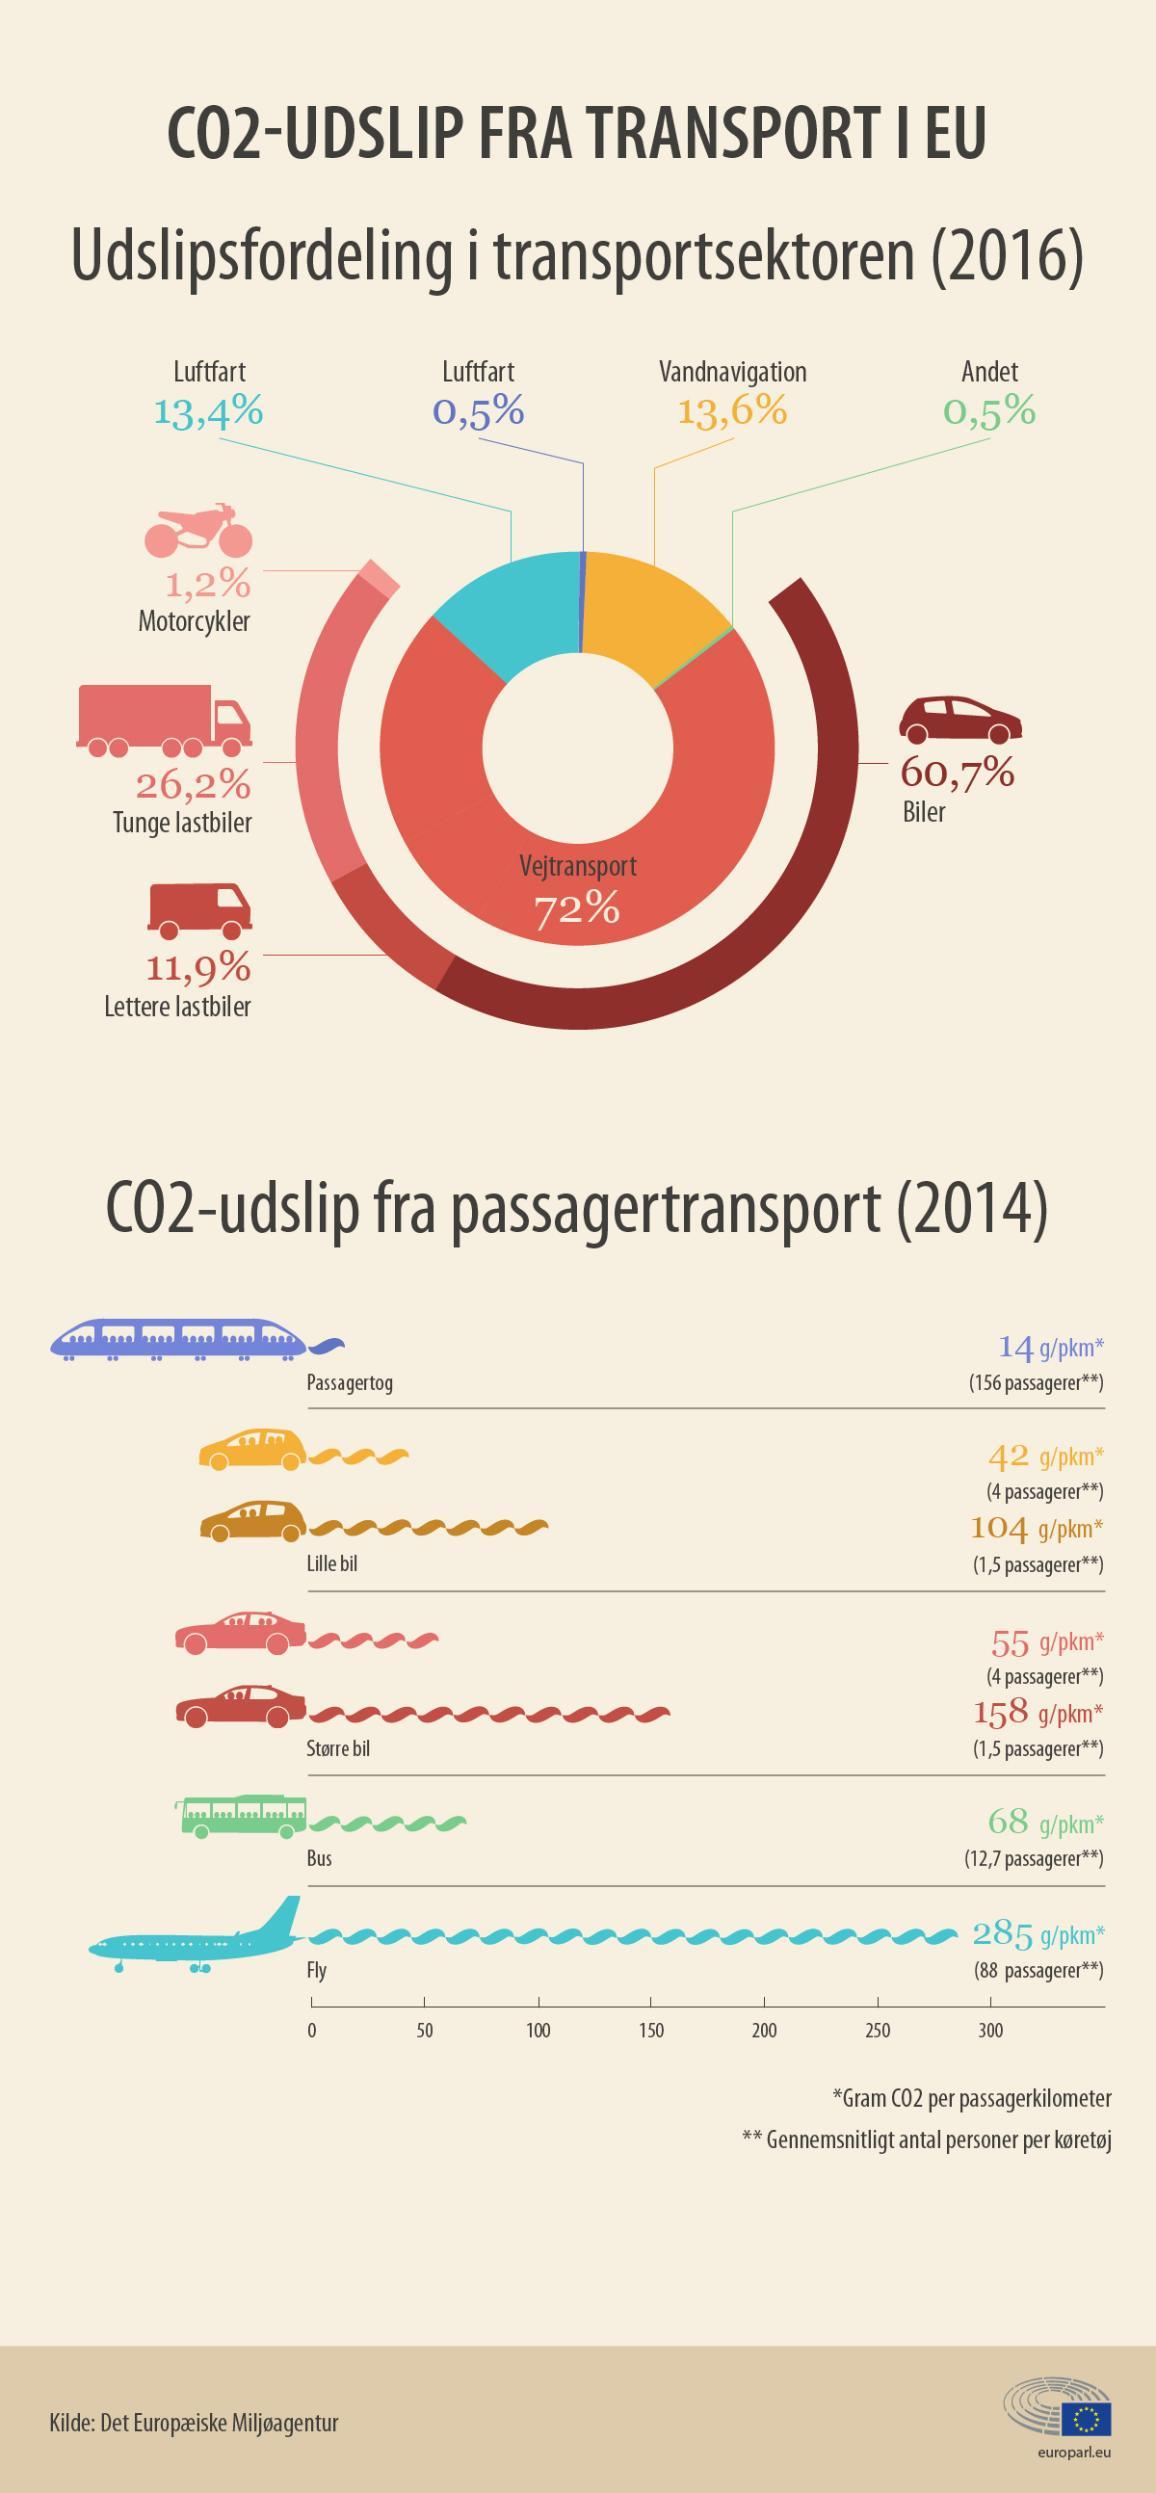 Biler tegner sig for 60% af CO2-emissionerne fra transportsektoren